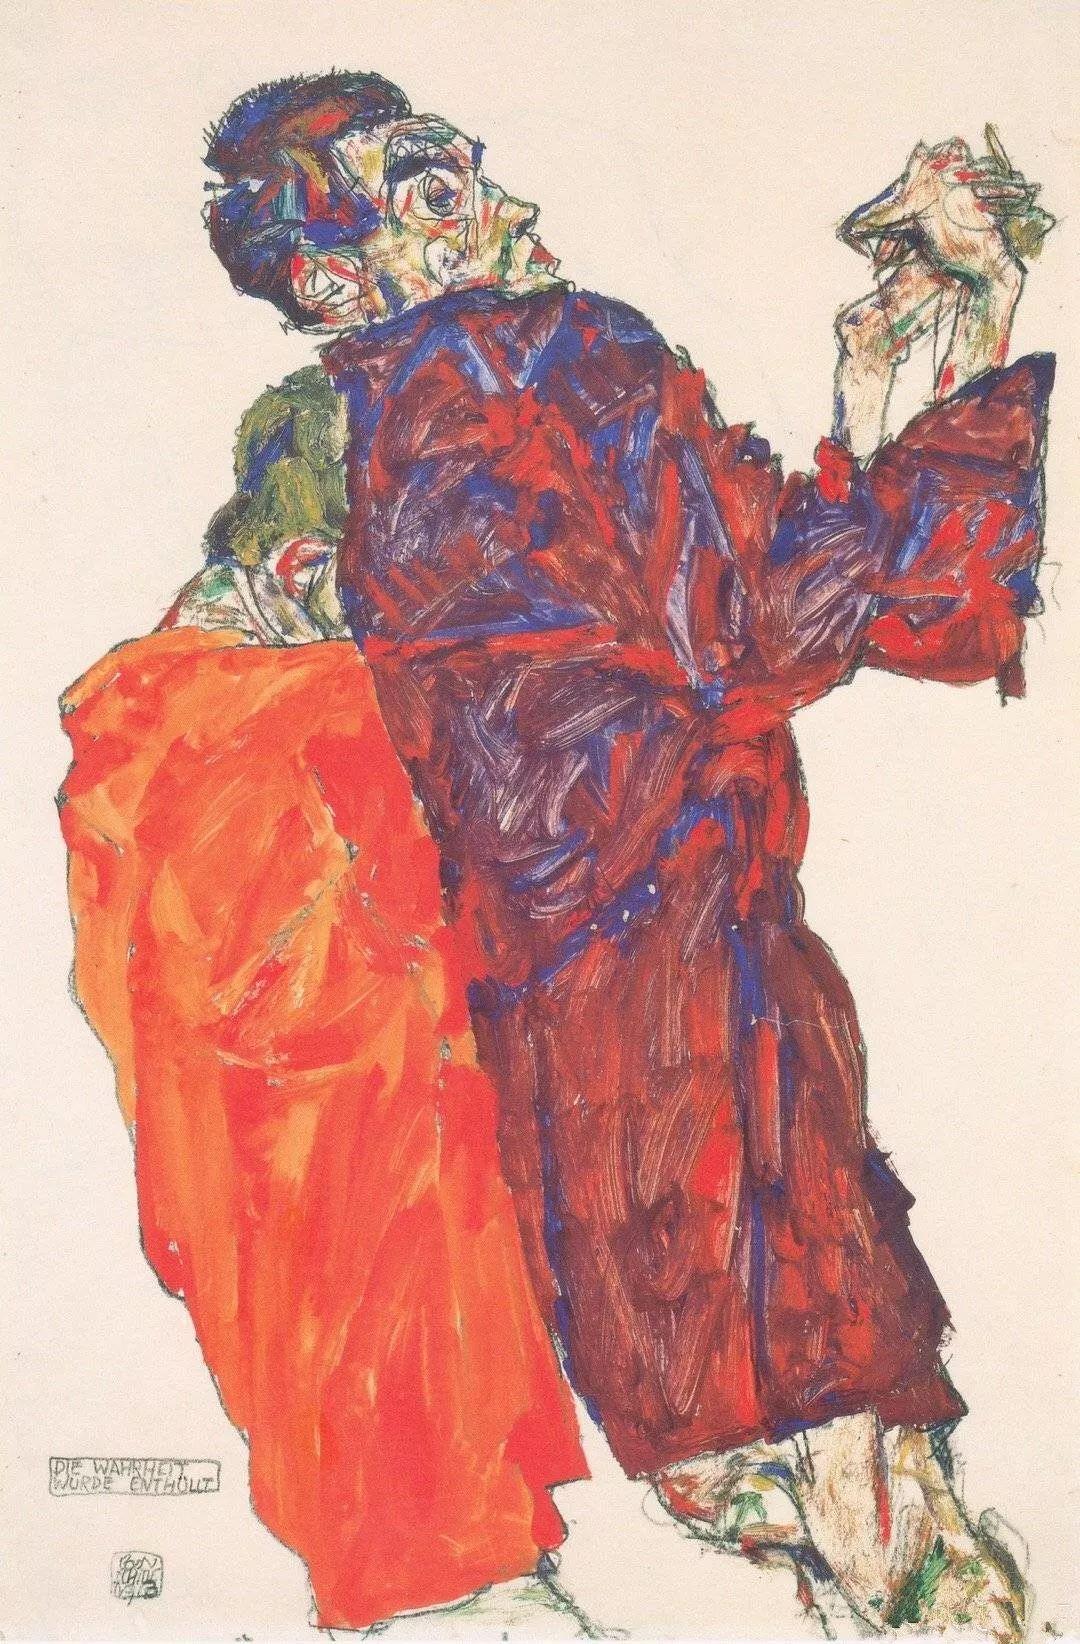 年仅28岁,生前遭受非议,死后却被捧为直逼心灵的艺术家插图151